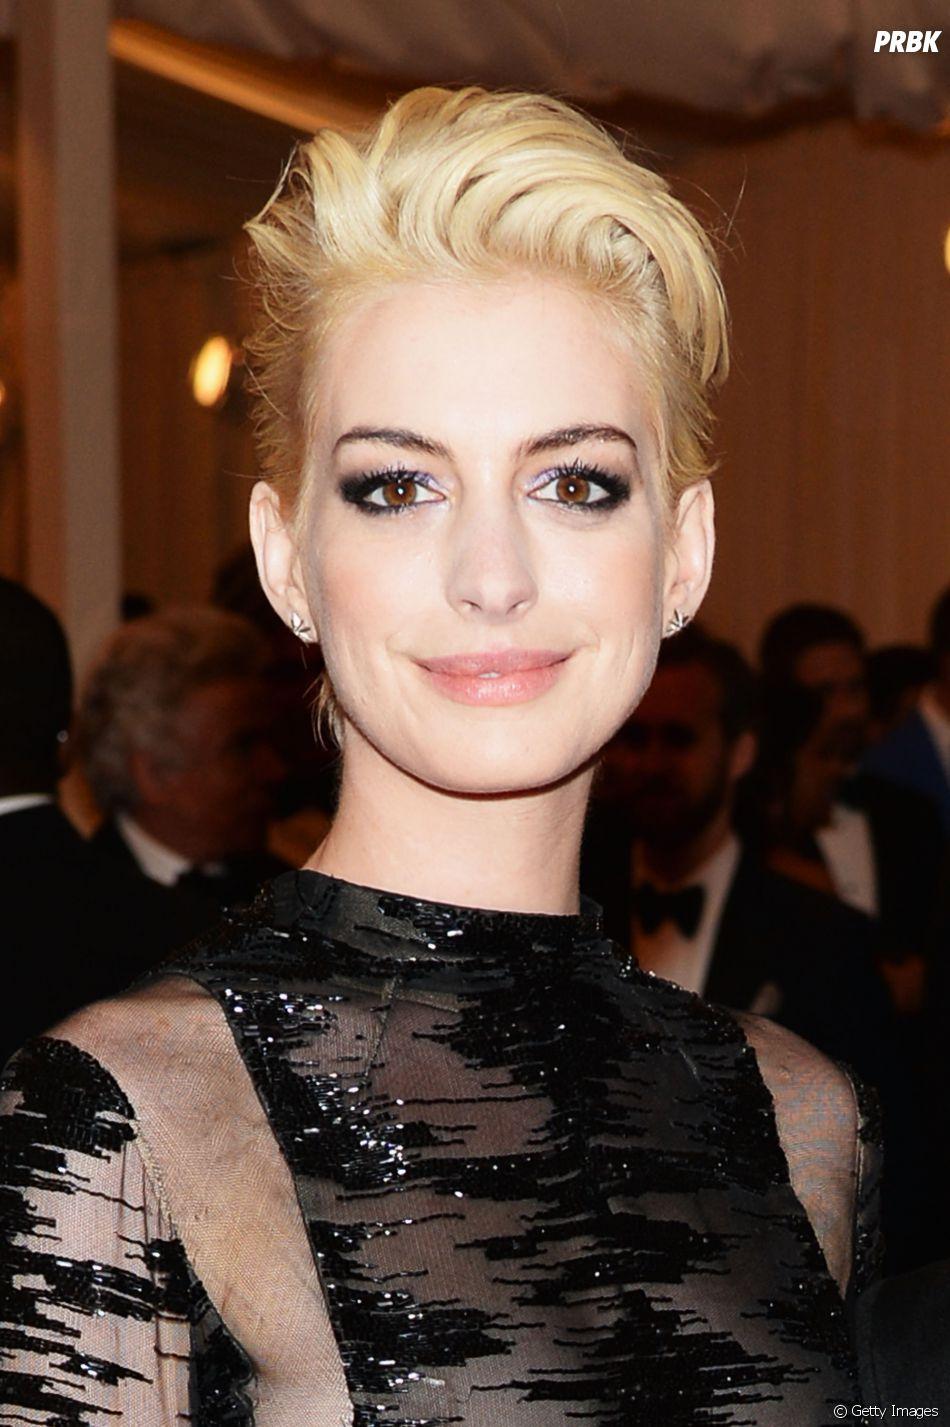 Mulher branca possui cabelos loiros claros, maquiagem escura e veste vestido preto com transparências. Post Coloração Pessoal. Foto: Getty Images.